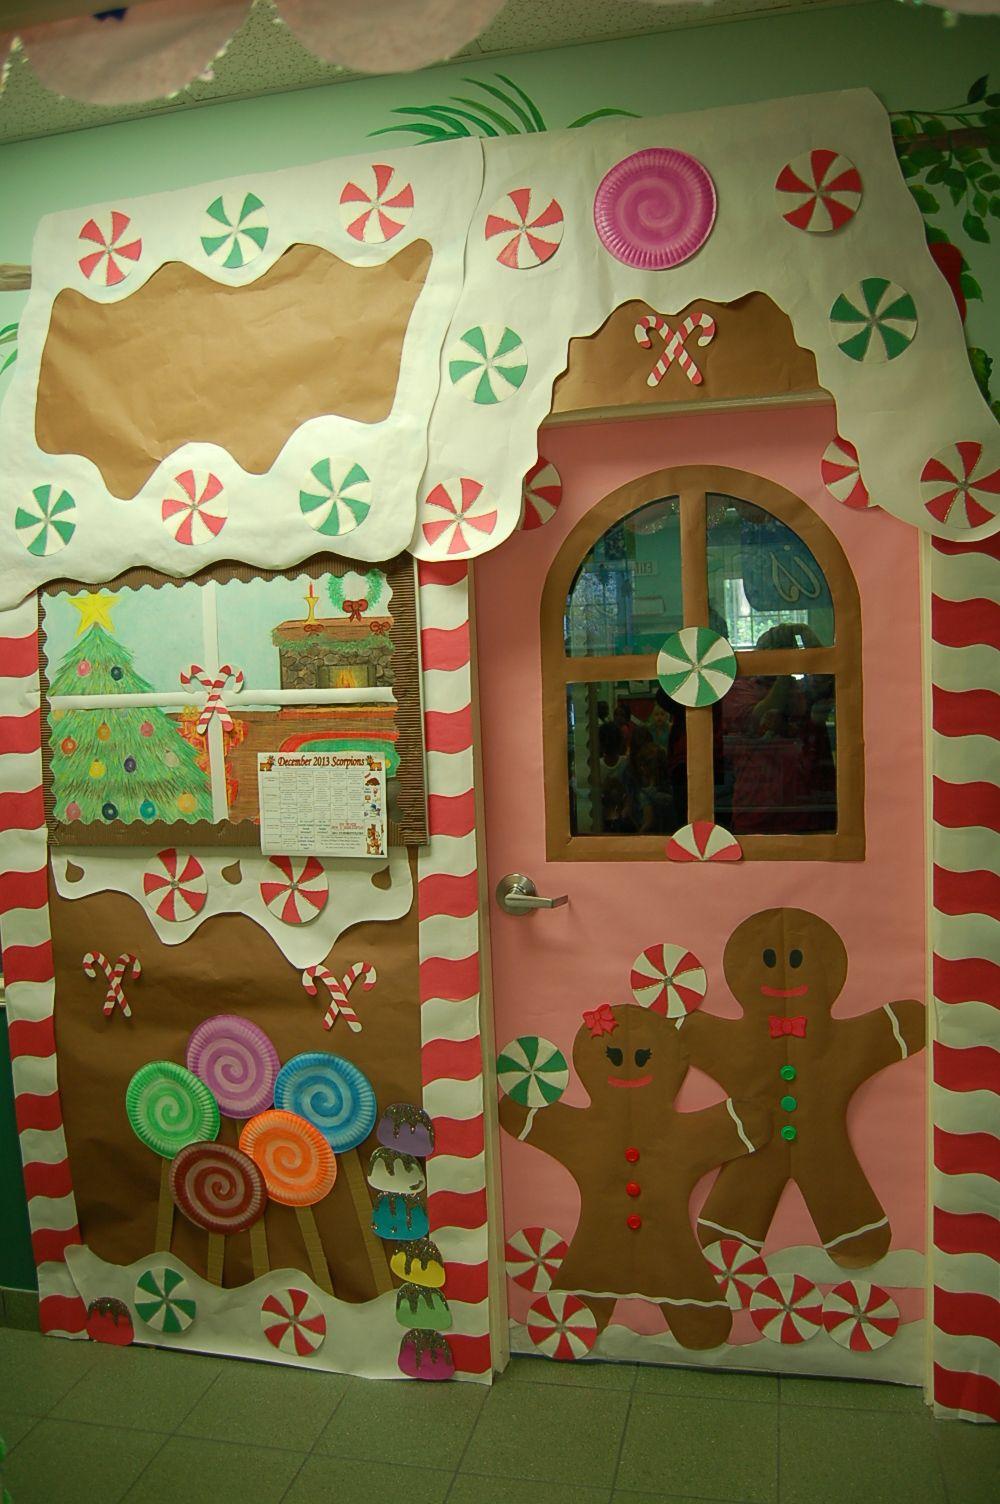 Gingerbread reading fun preschool manualidades navidad for Decoracion de puertas para navidad